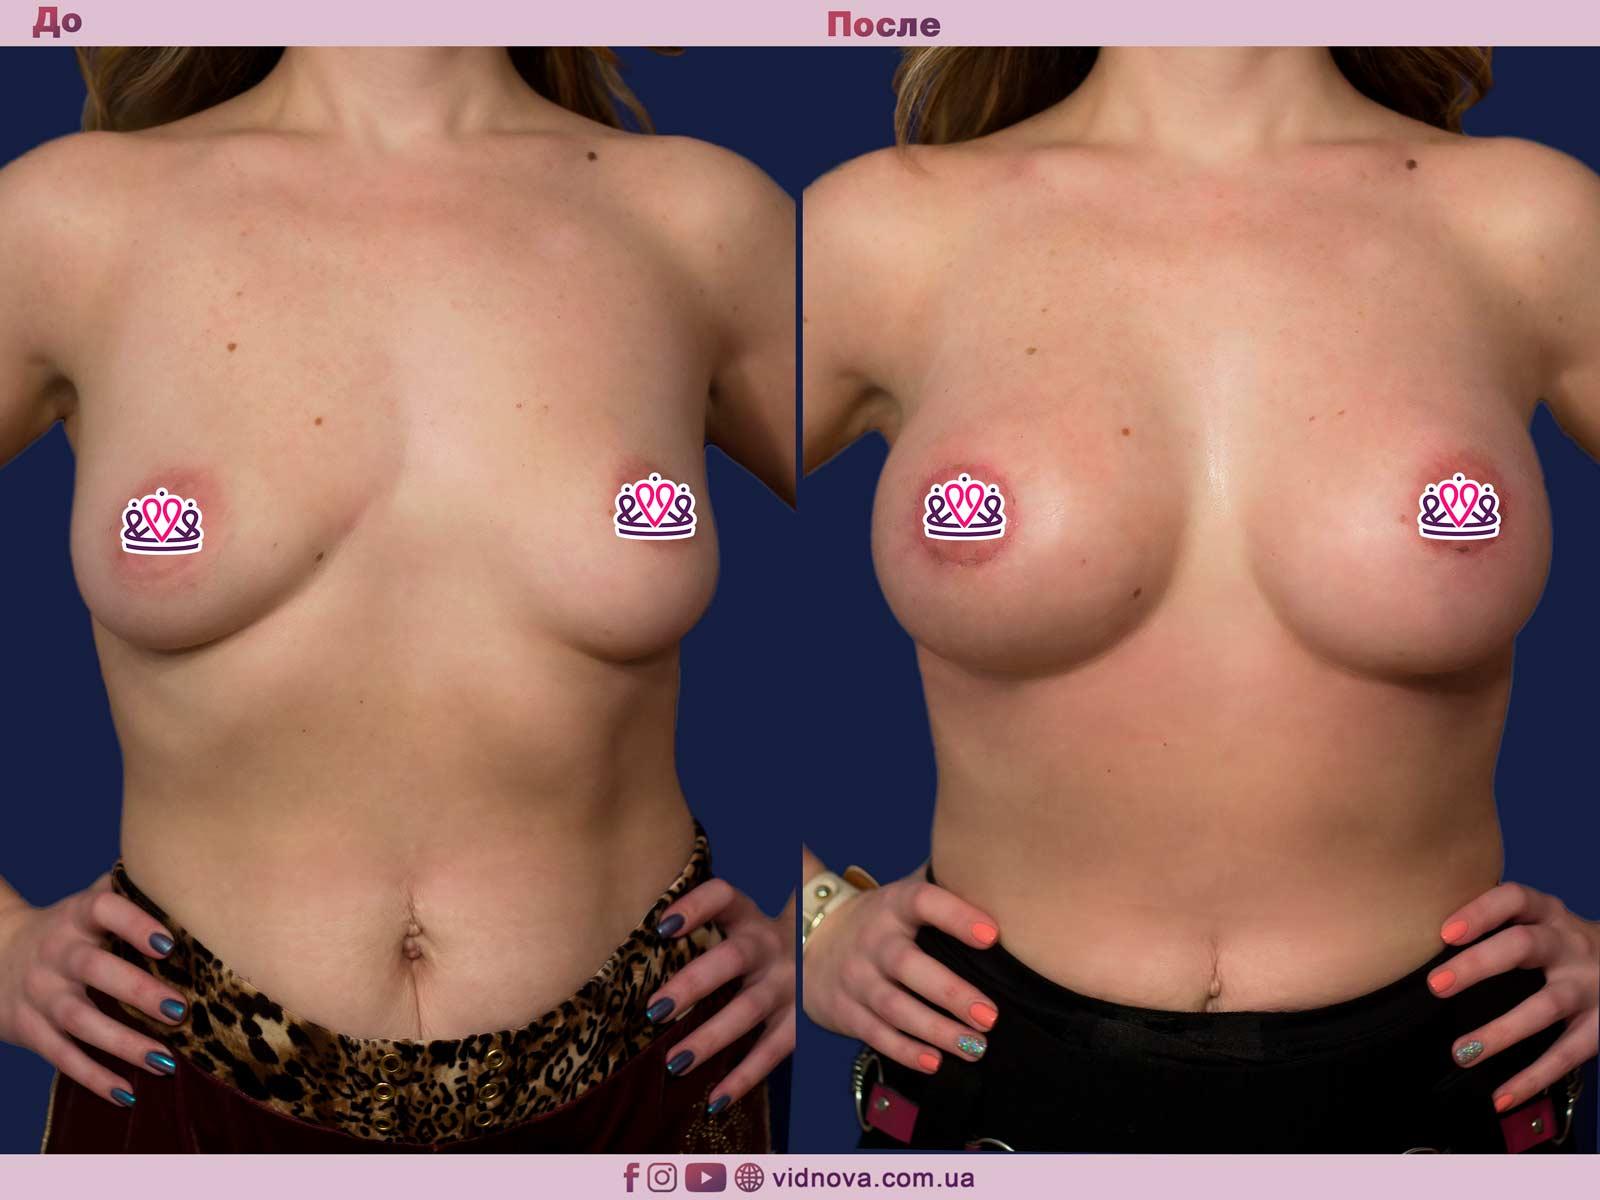 Пластика груди: результаты до и после - Пример №19-0 - Светлана Работенко